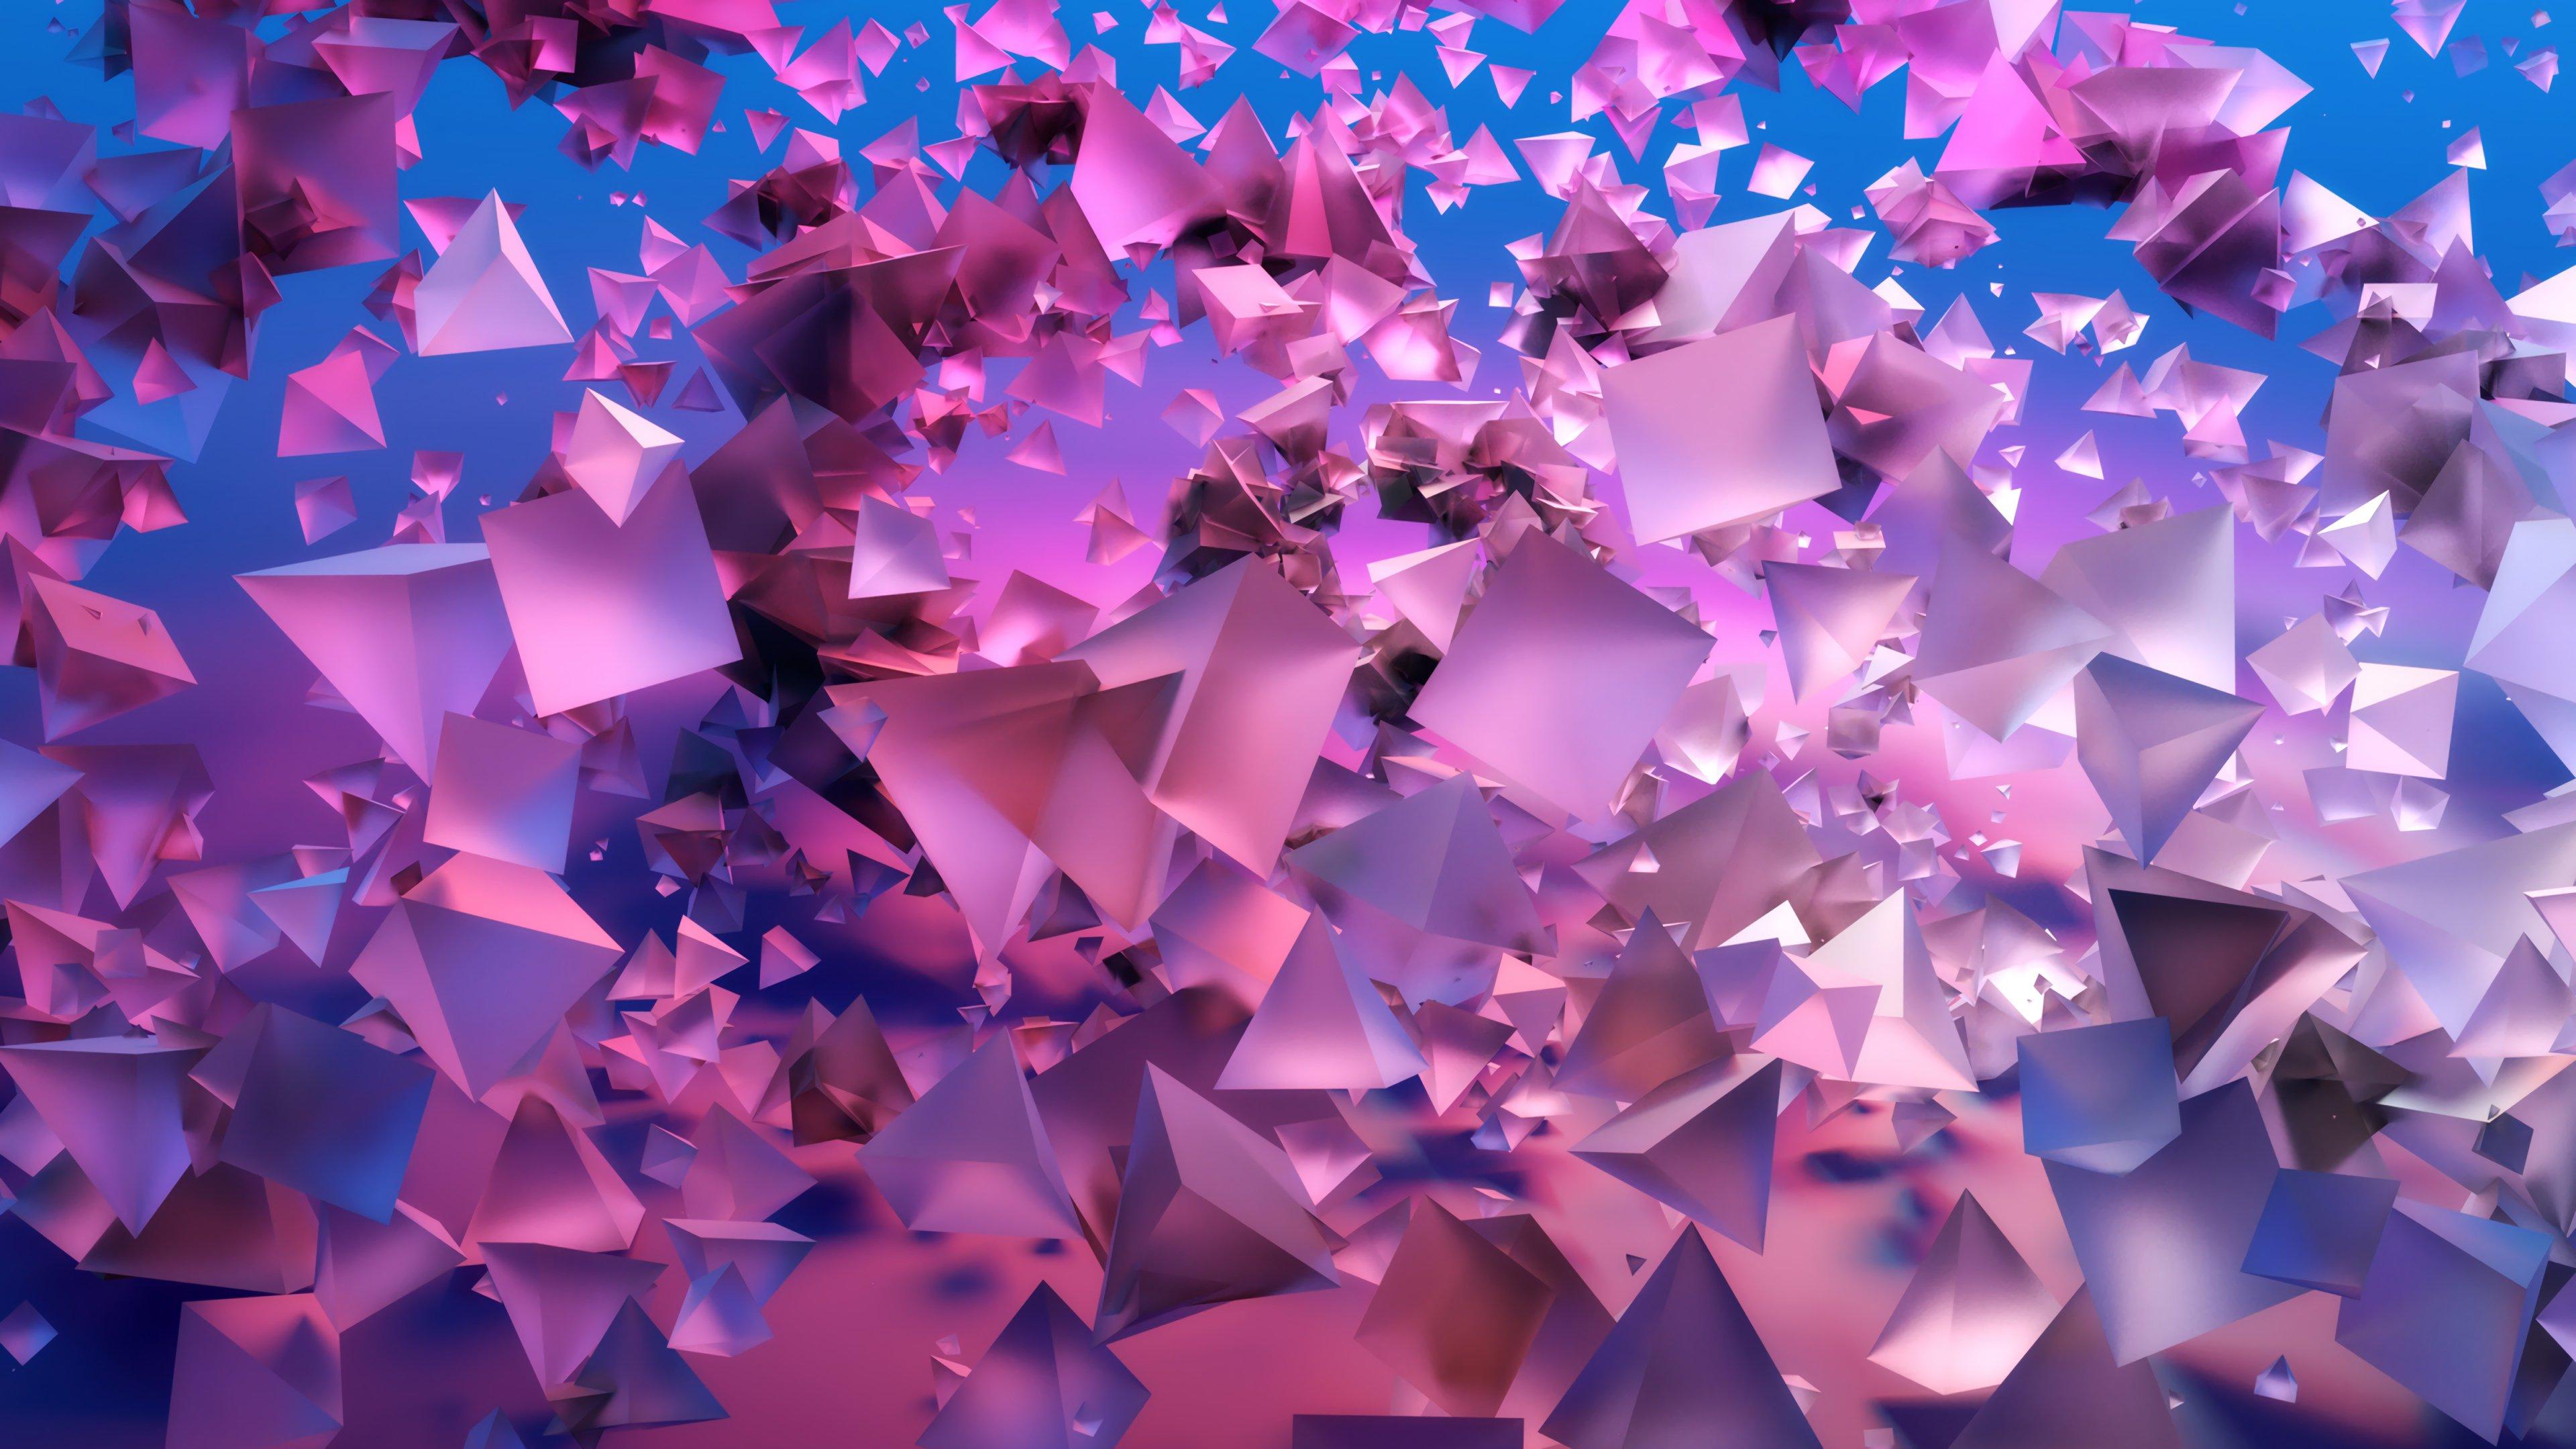 Fondos de pantalla Piramides 3d abstractas